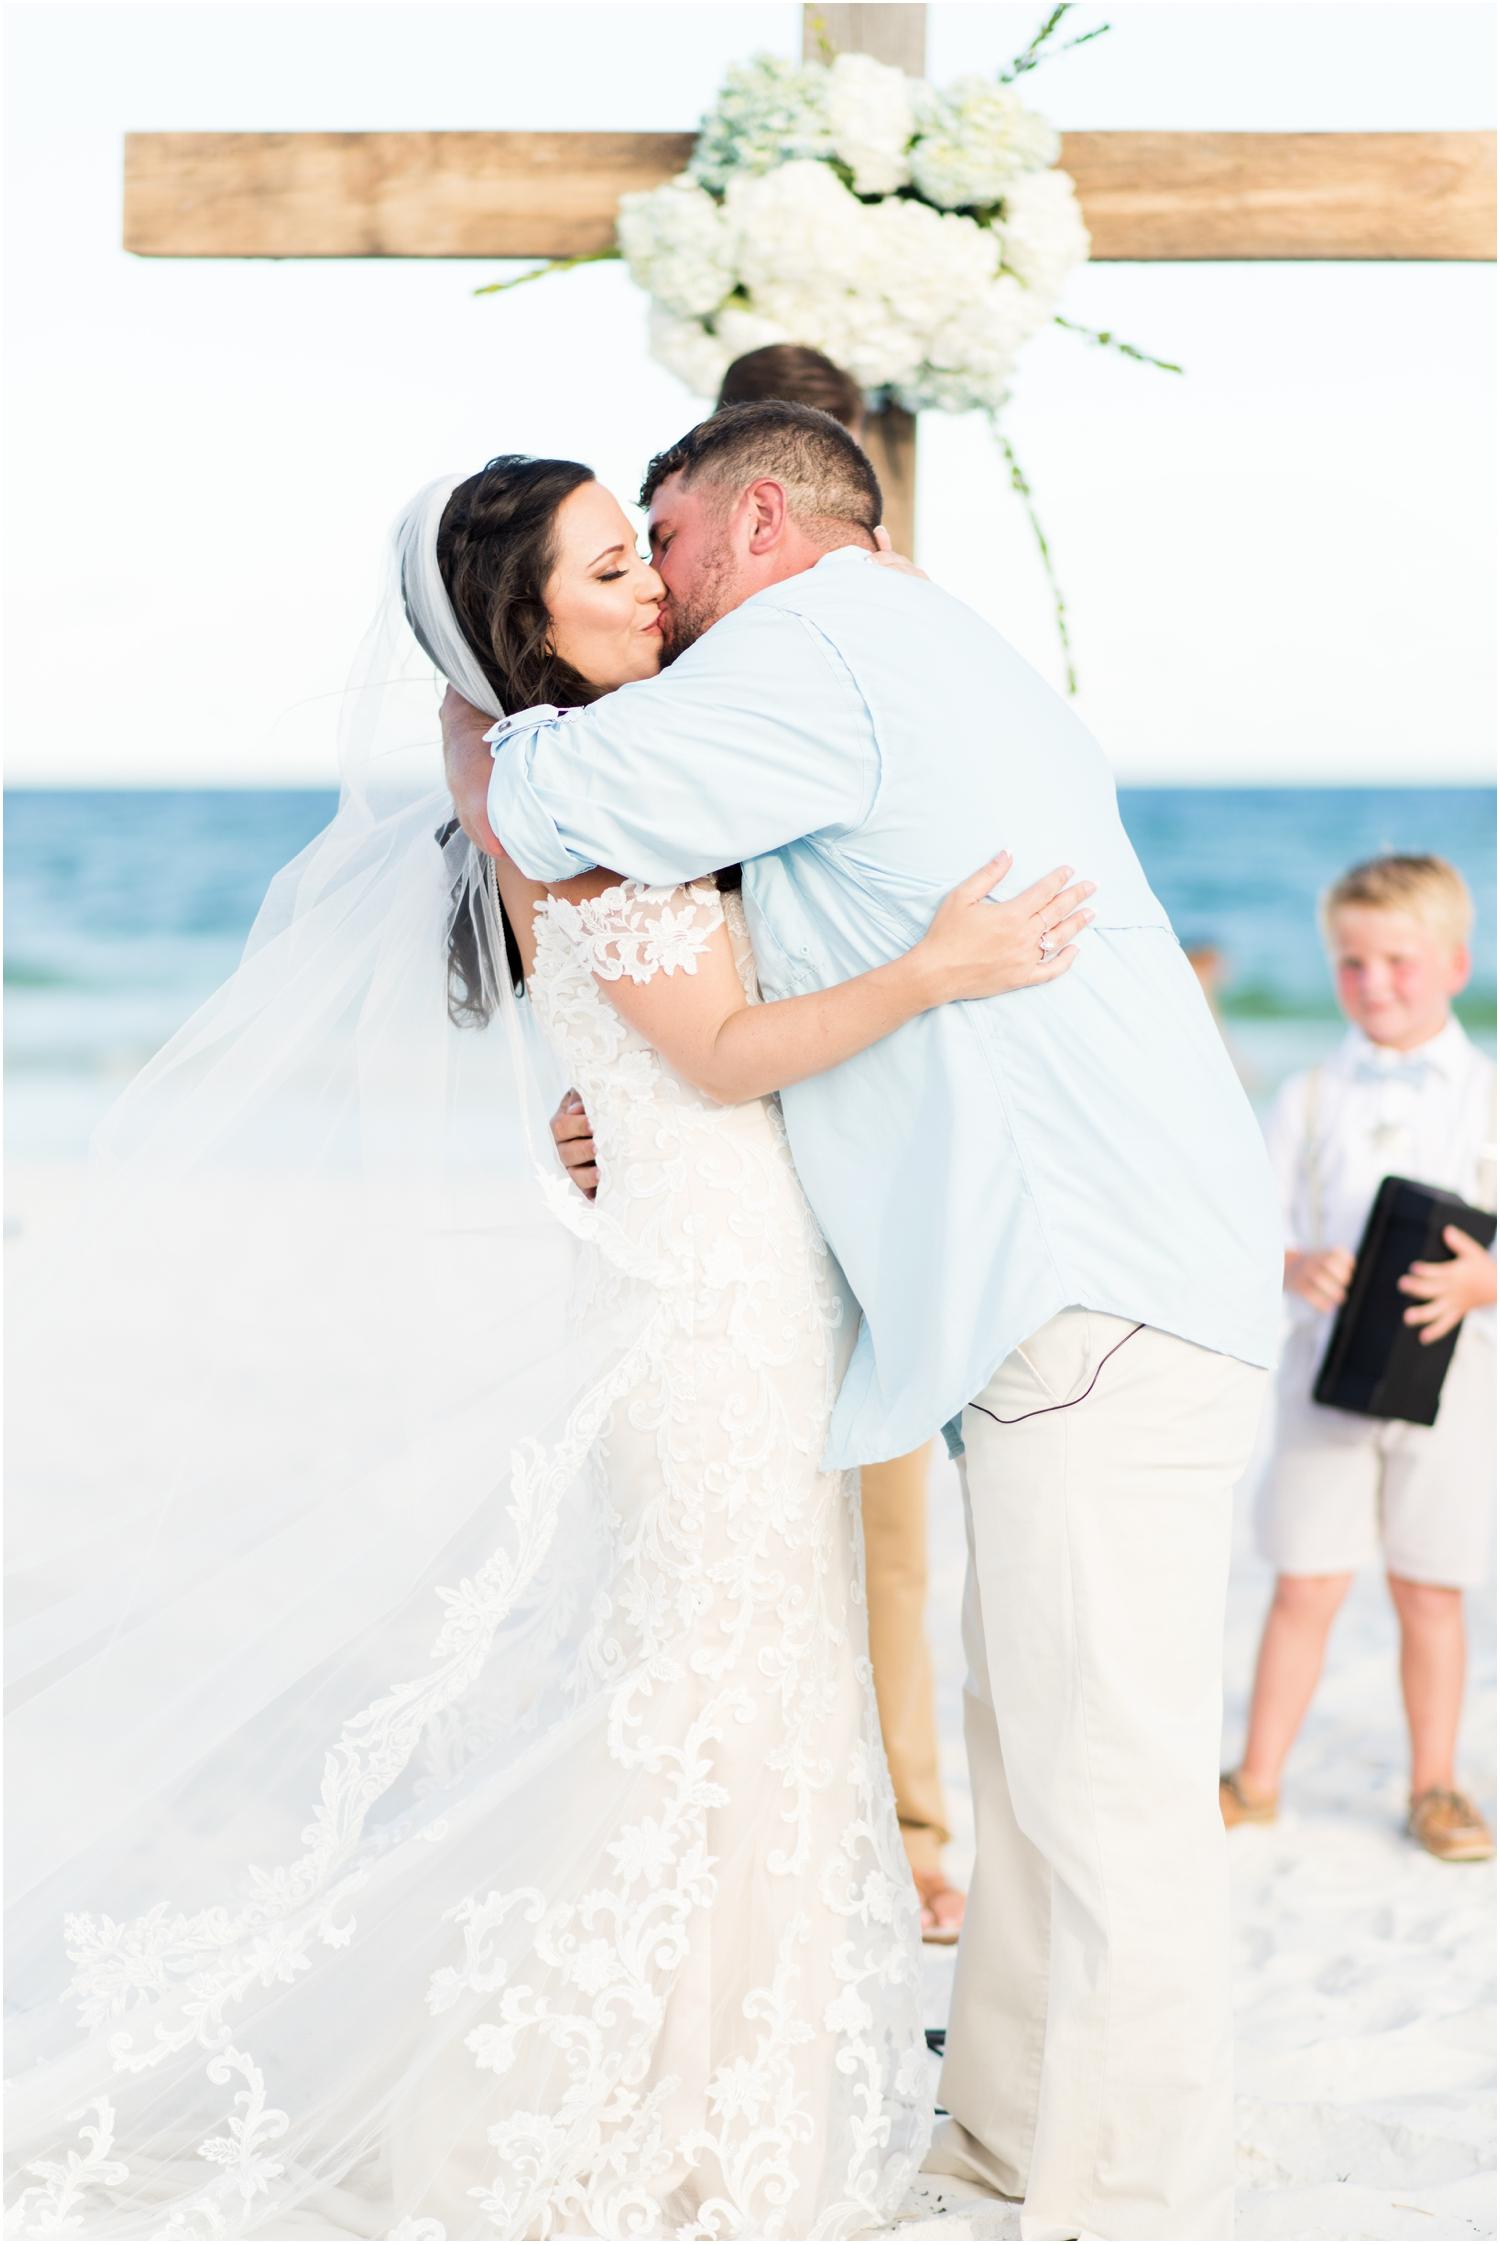 Danielle and Nate's Margaritaville Hotel Landshark Landing Pensacola Beach Wedding Photographer